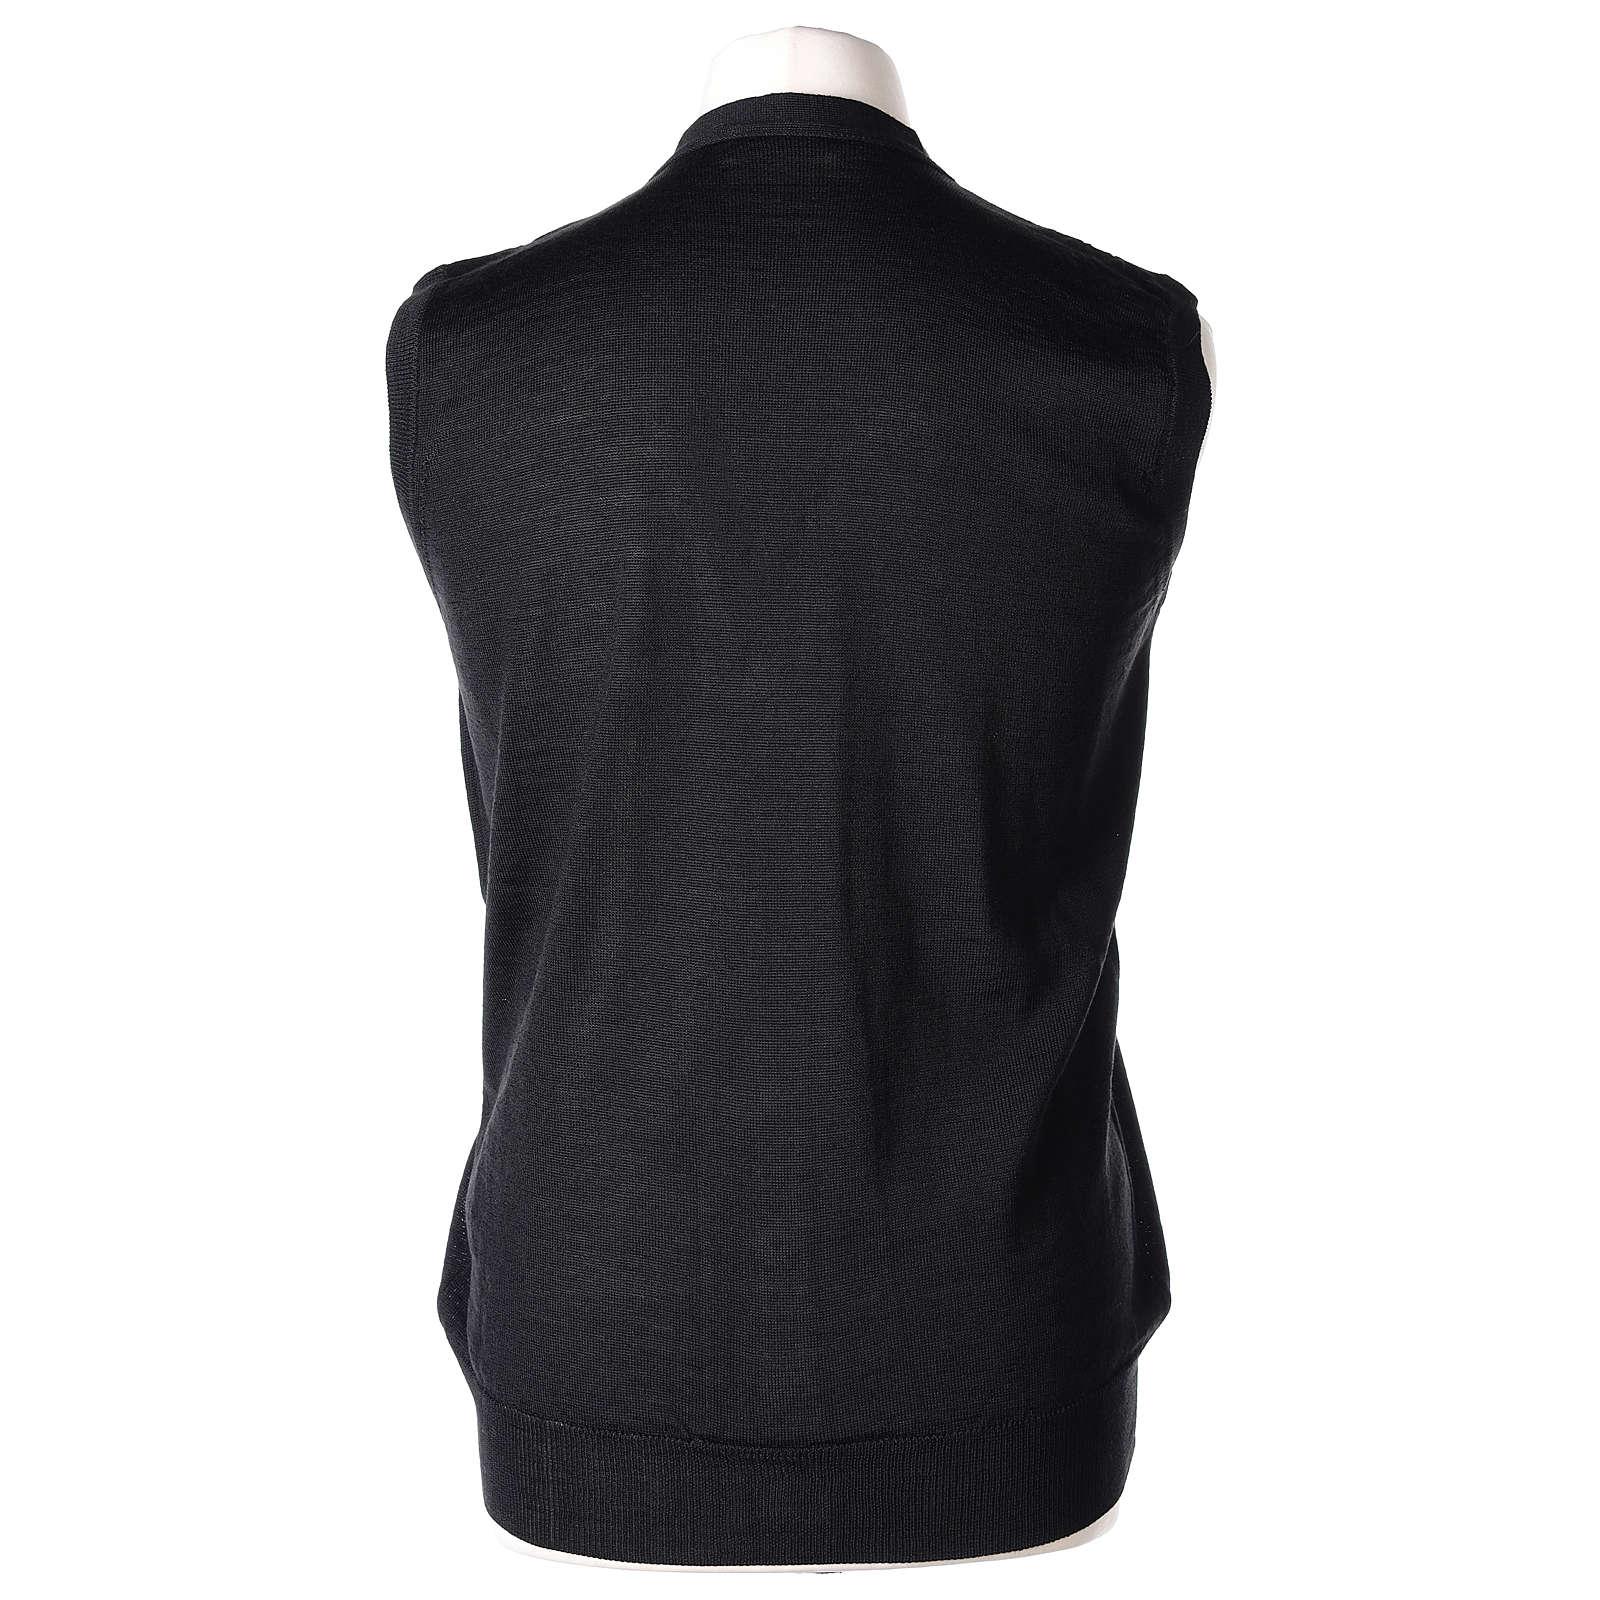 Gilet prêtre noir poches et sans manches boutons jersey simple 50% acrylique 50% laine mérinos In Primis 4